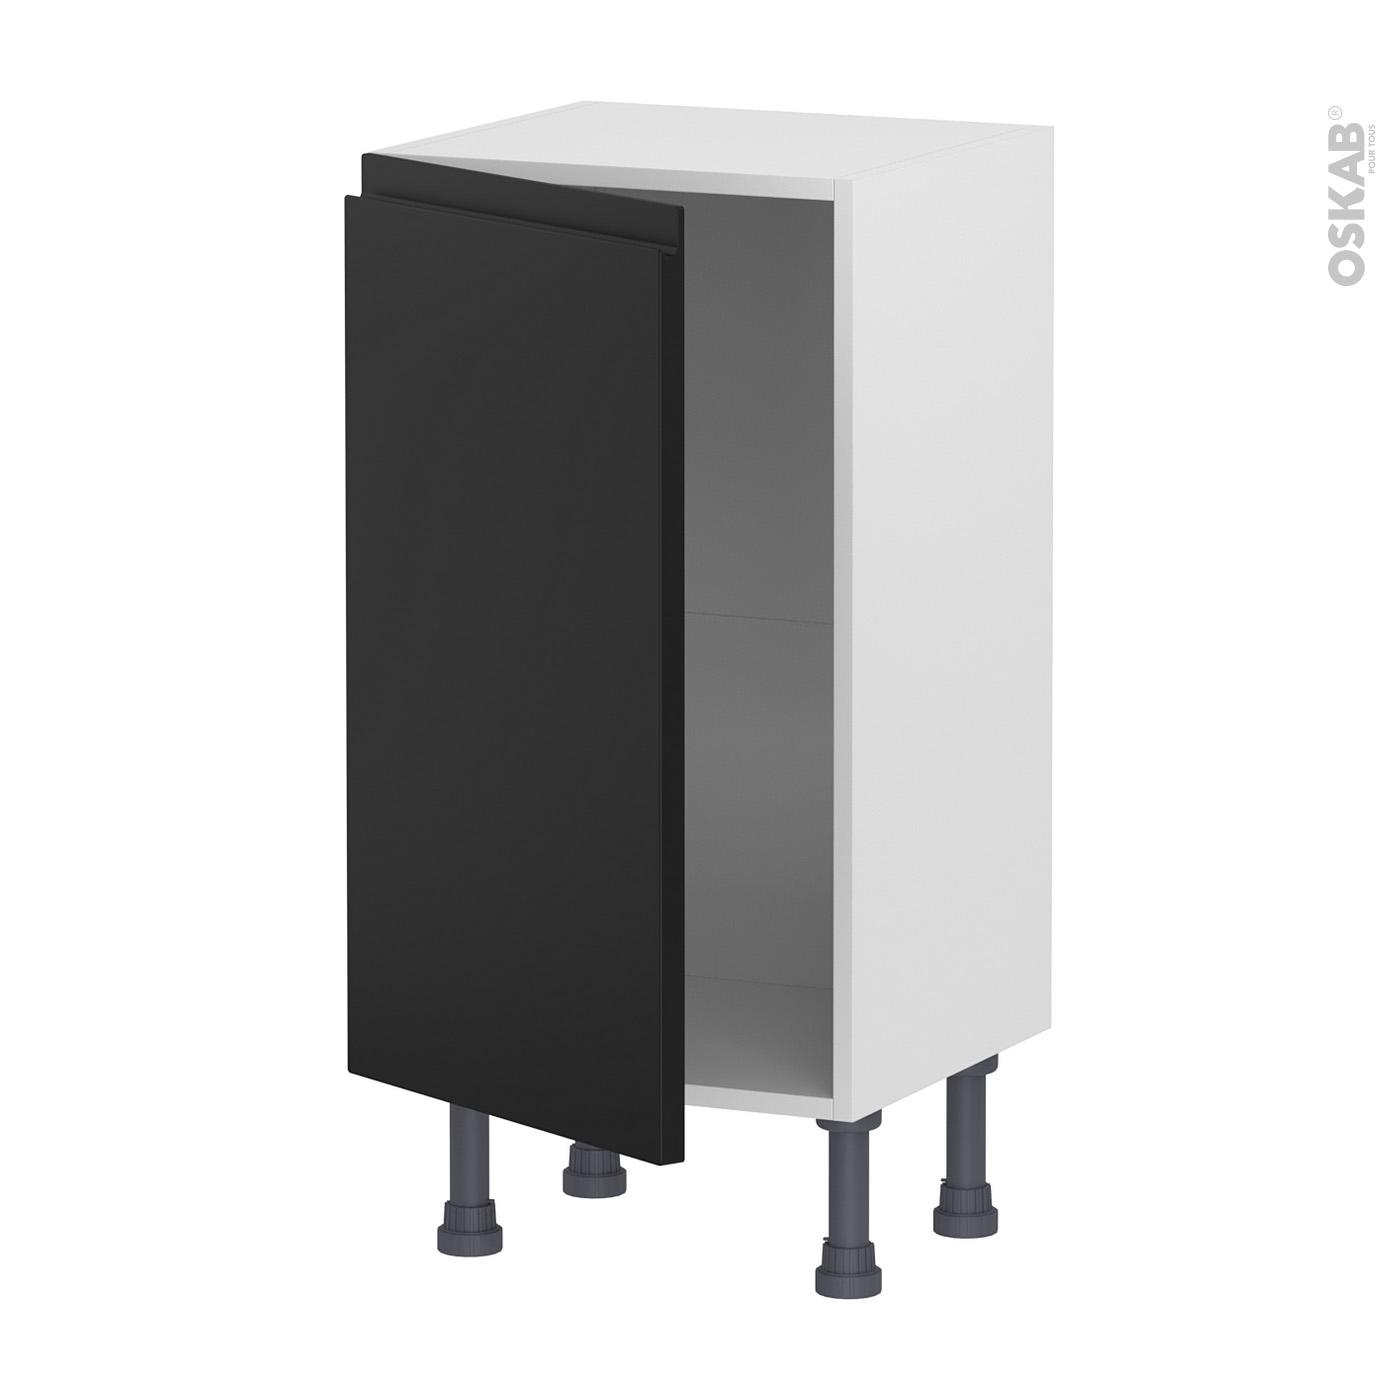 Meuble Bas De Cuisine Noir Laqué meuble de cuisine bas ipoma noir mat, 1 porte, l40 x h70 x p37 cm